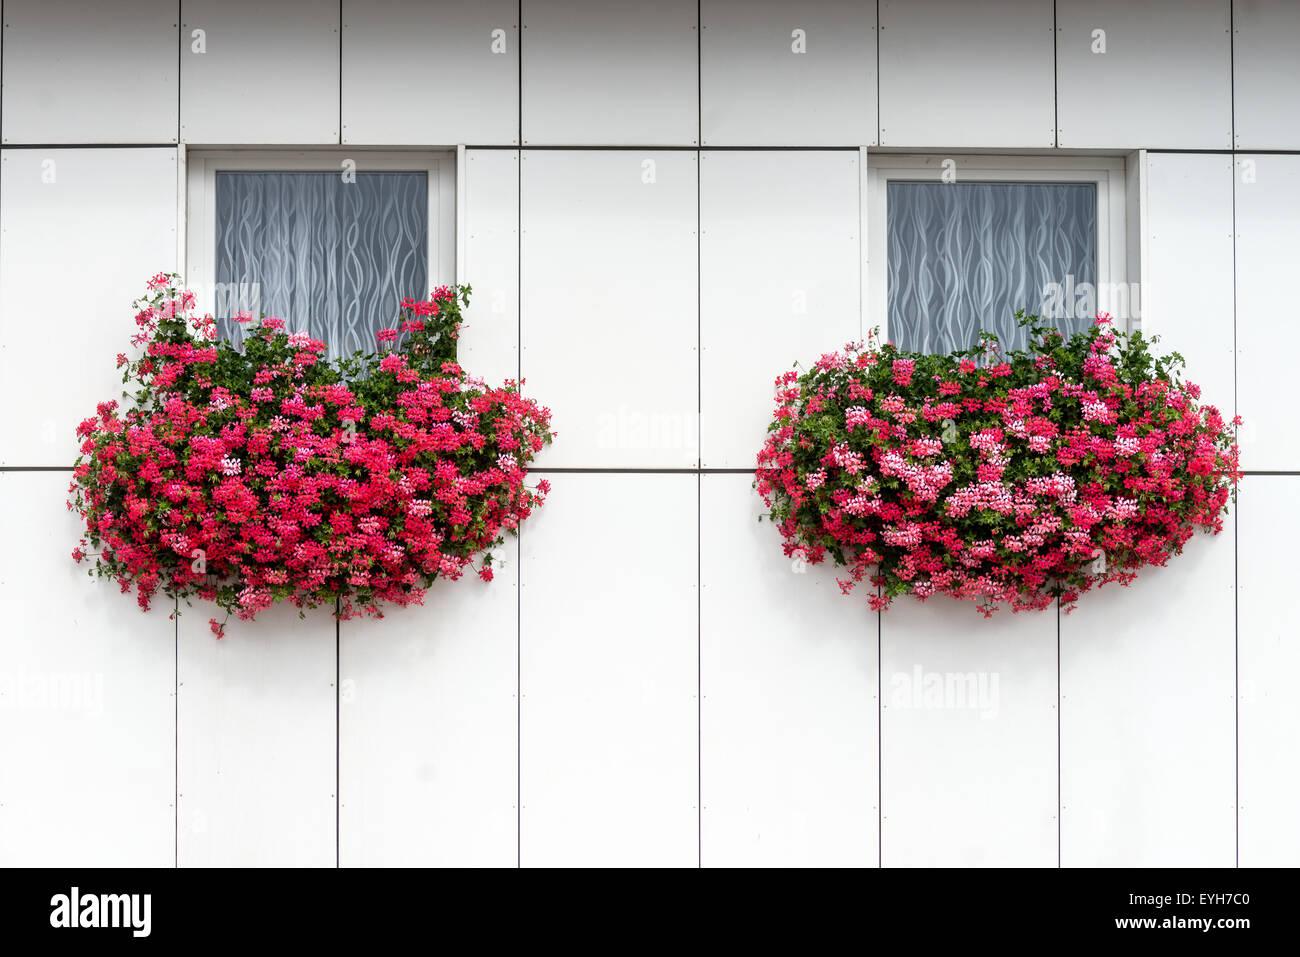 Landshut, Alemania. El 29 de julio, 2015. Geranios colgados en las ventanas de una casa en Neufahrn, en la Baja Foto de stock